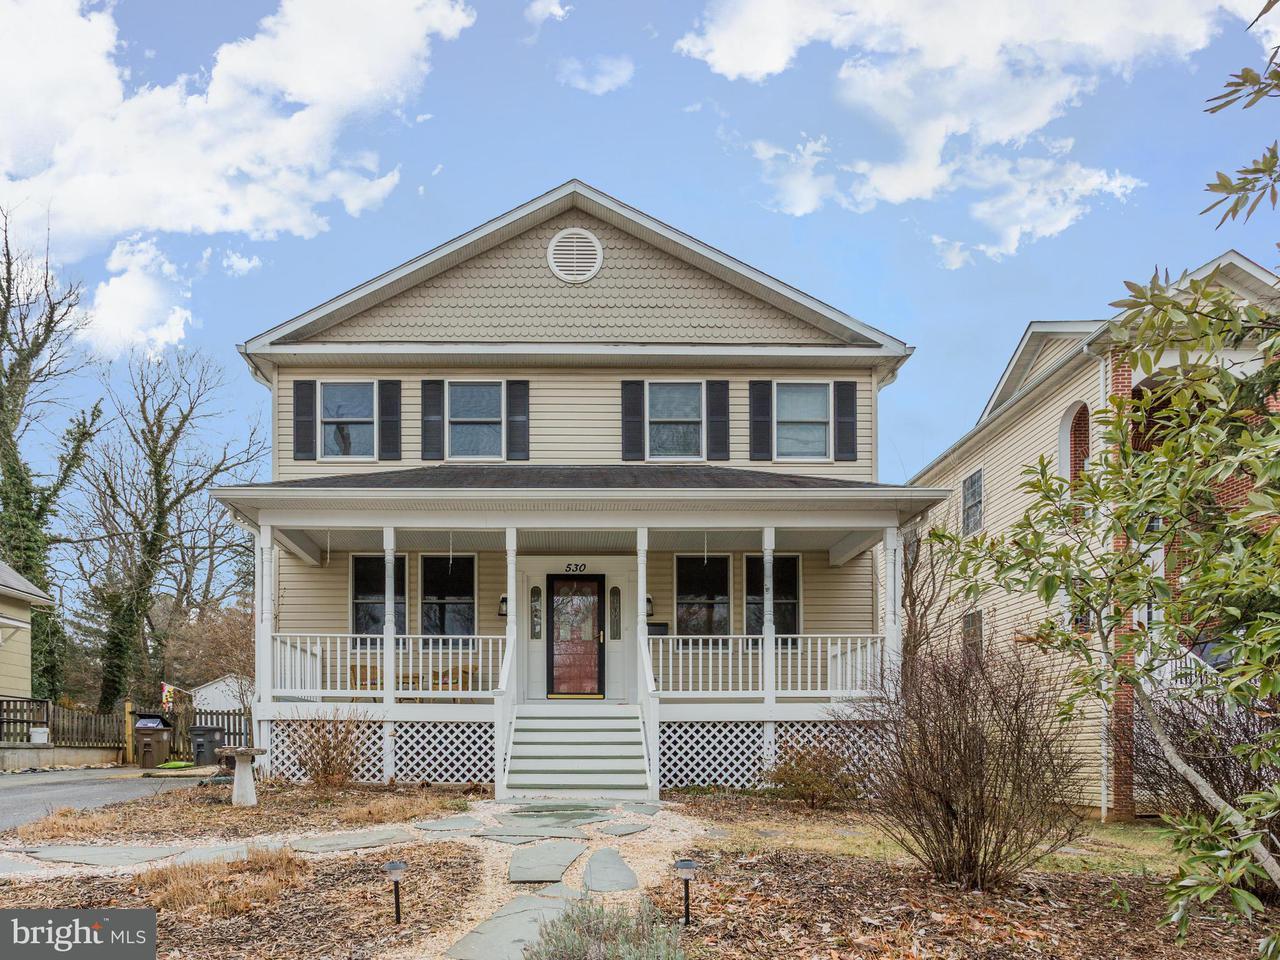 단독 가정 주택 용 매매 에 530 Beall Avenue 530 Beall Avenue Rockville, 메릴랜드 20850 미국